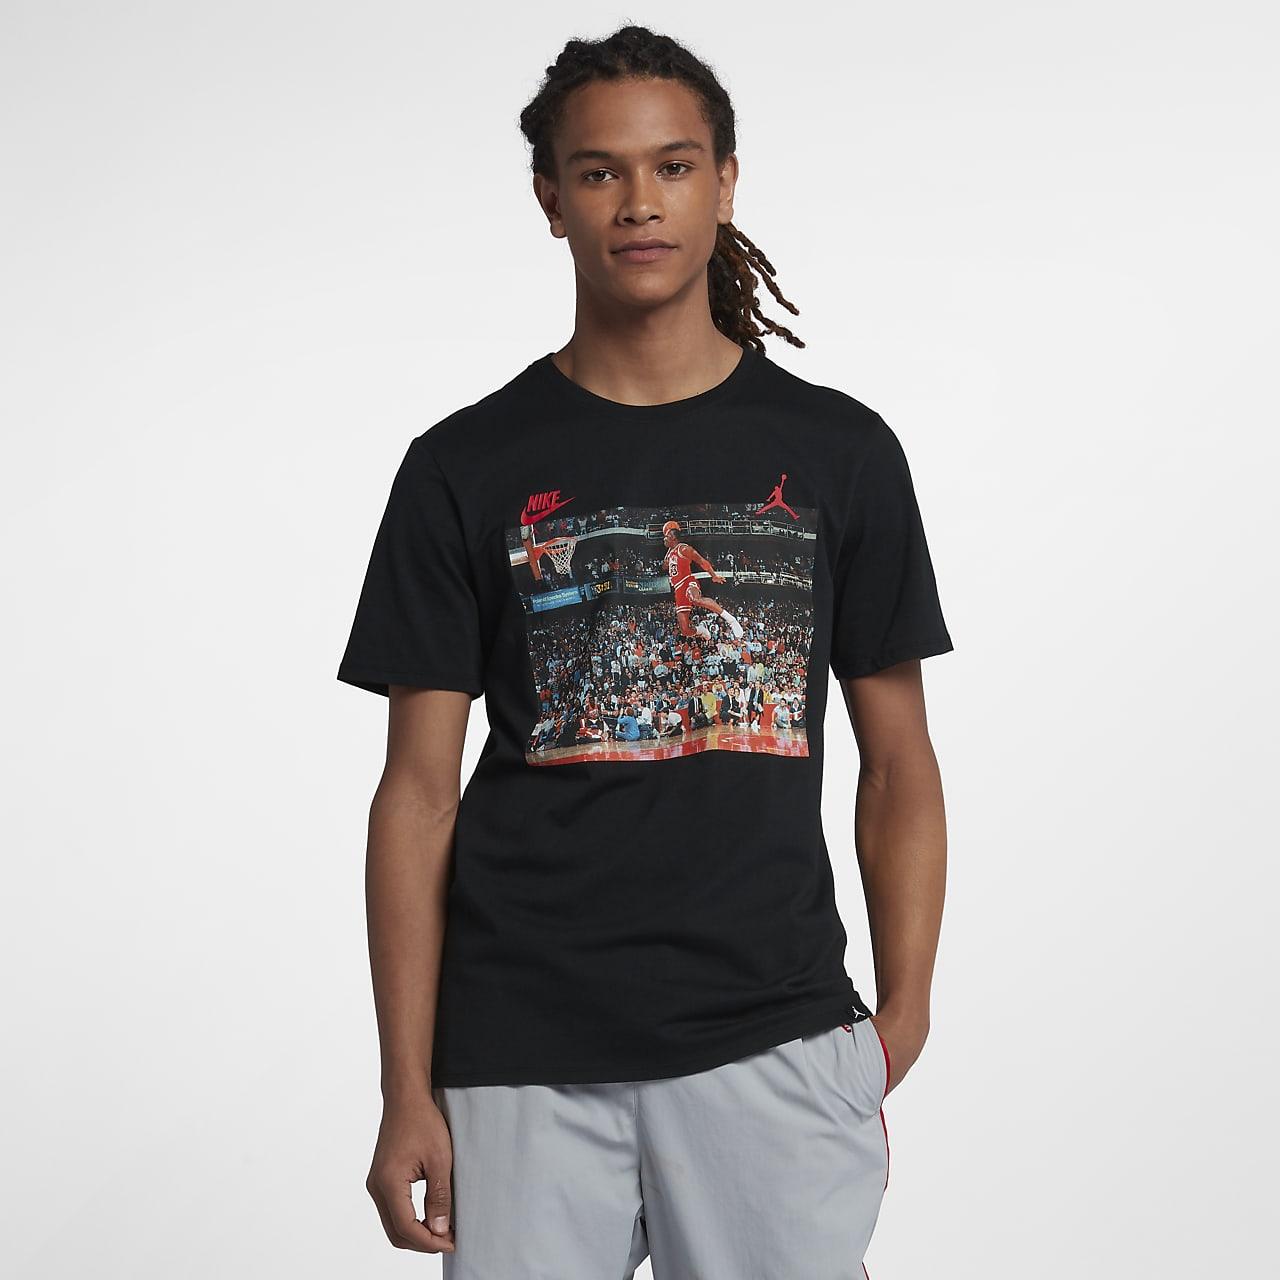 ジョーダン スポーツウェア 1988 ダンク メンズ Tシャツ